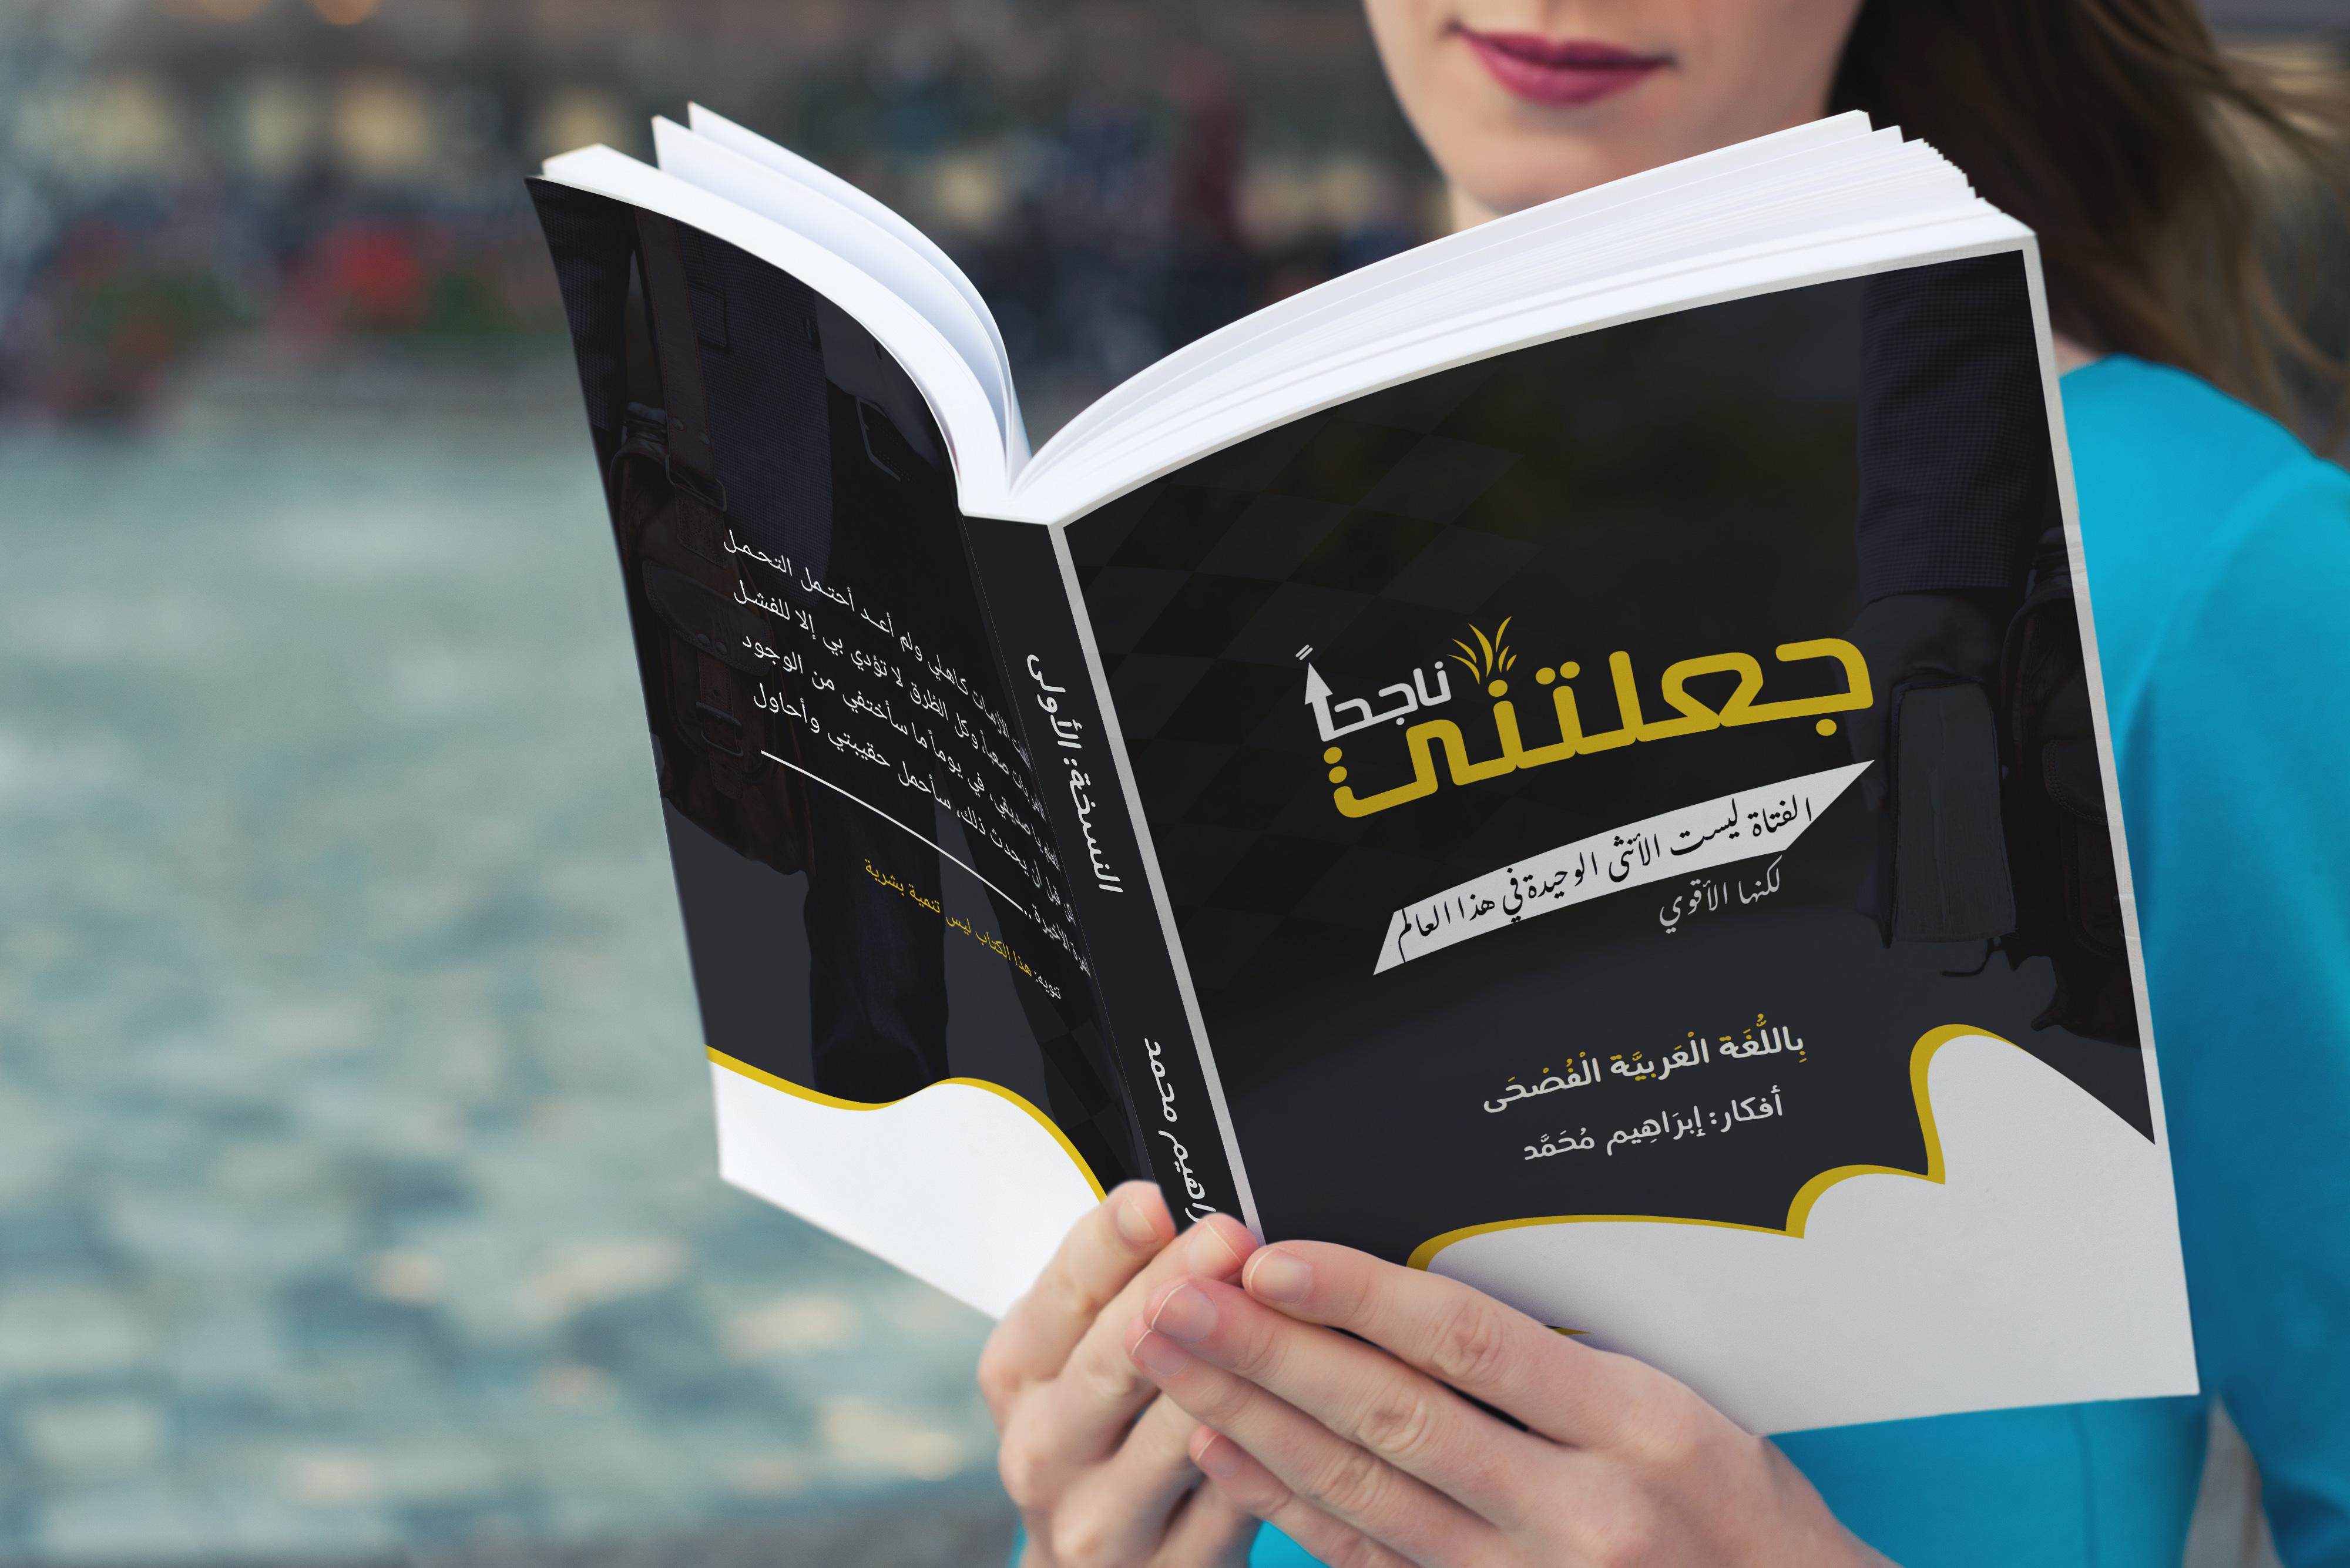 """أصدرت كتاب جعلتني ناجحاً """"كتابي الأول"""""""